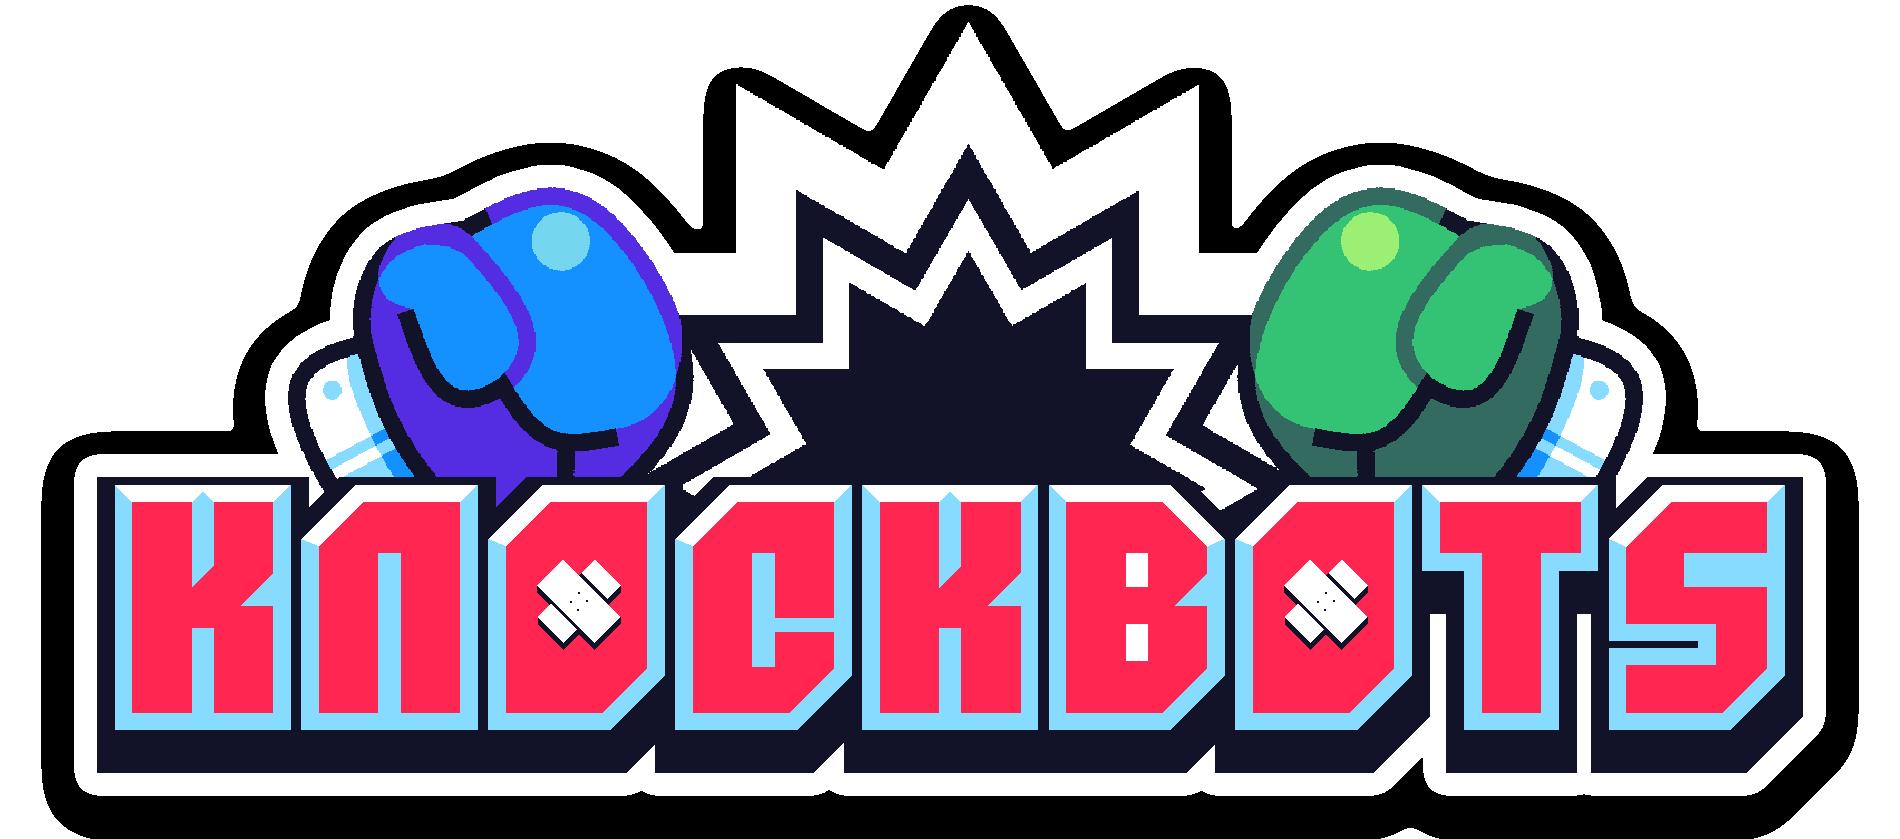 Knockbots